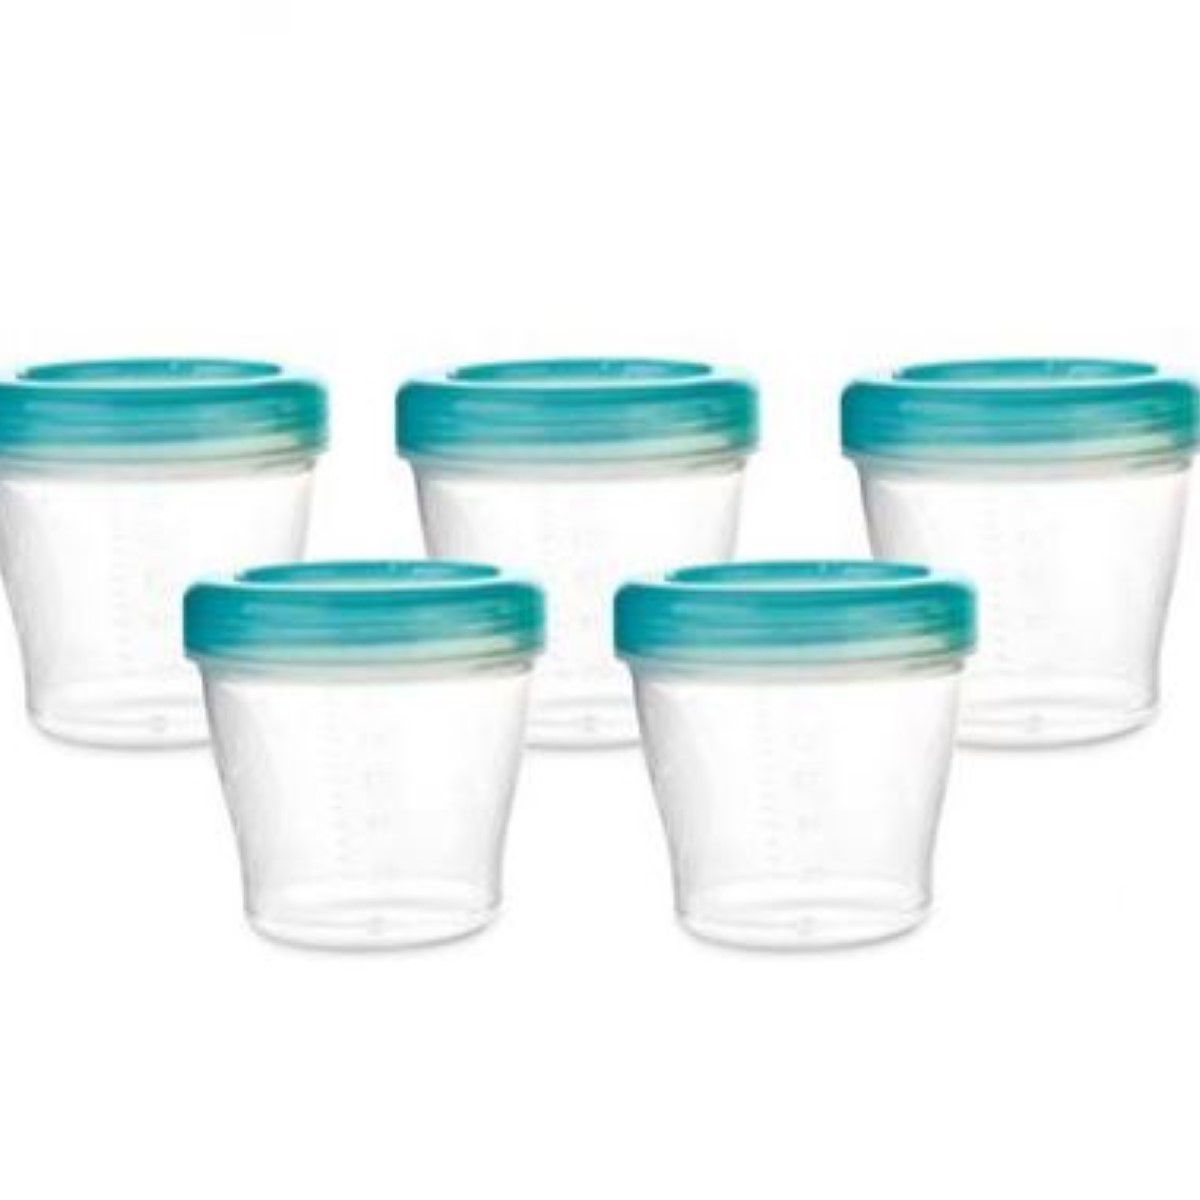 Kit 5 Potes Conjunto para Armazenar e Congelar a papinha e o Leite Materno Cada potinho Comporta Ate 150 Ml Kababy.